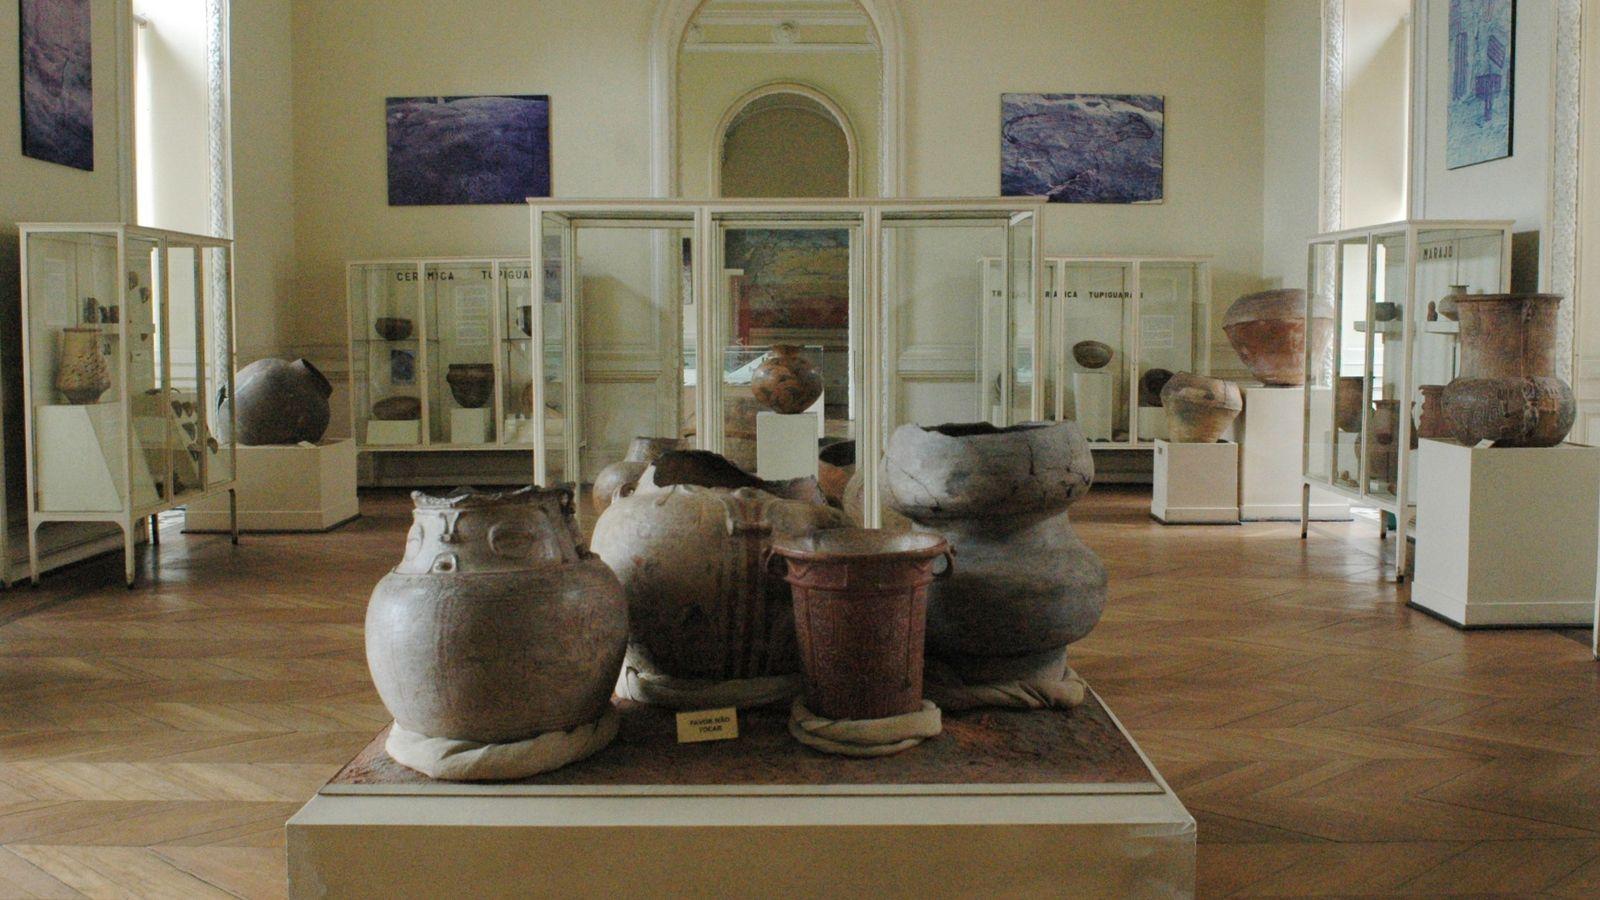 Cerâmicas em sala de arqueologia do Museu Nacional